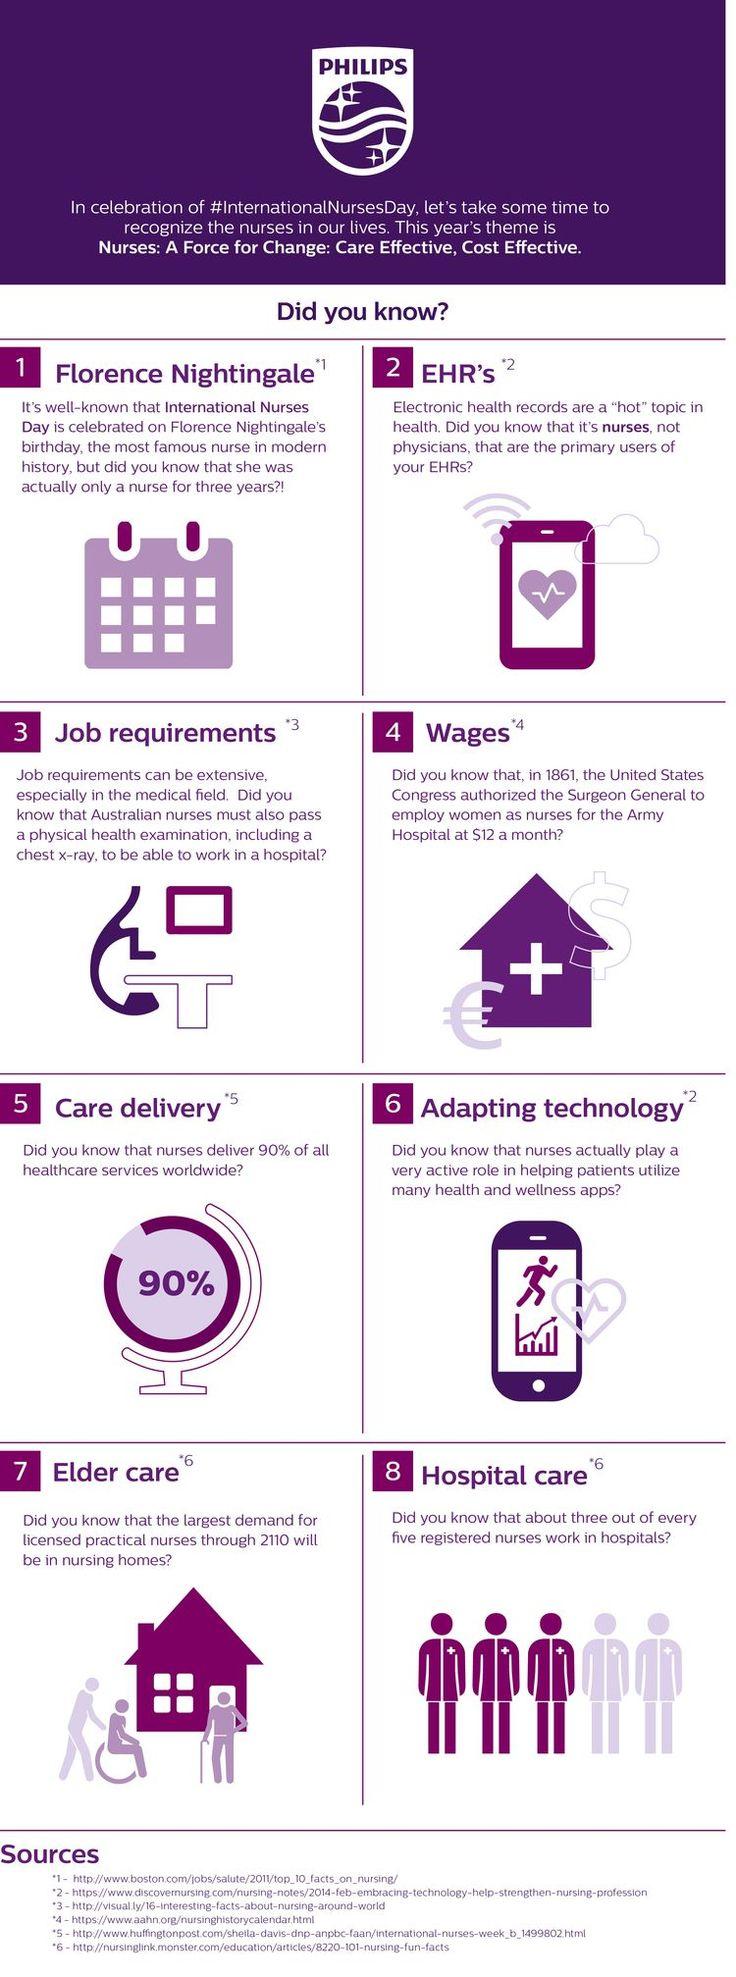 40 best Innovating Healthcare images on Pinterest   Medical design ...